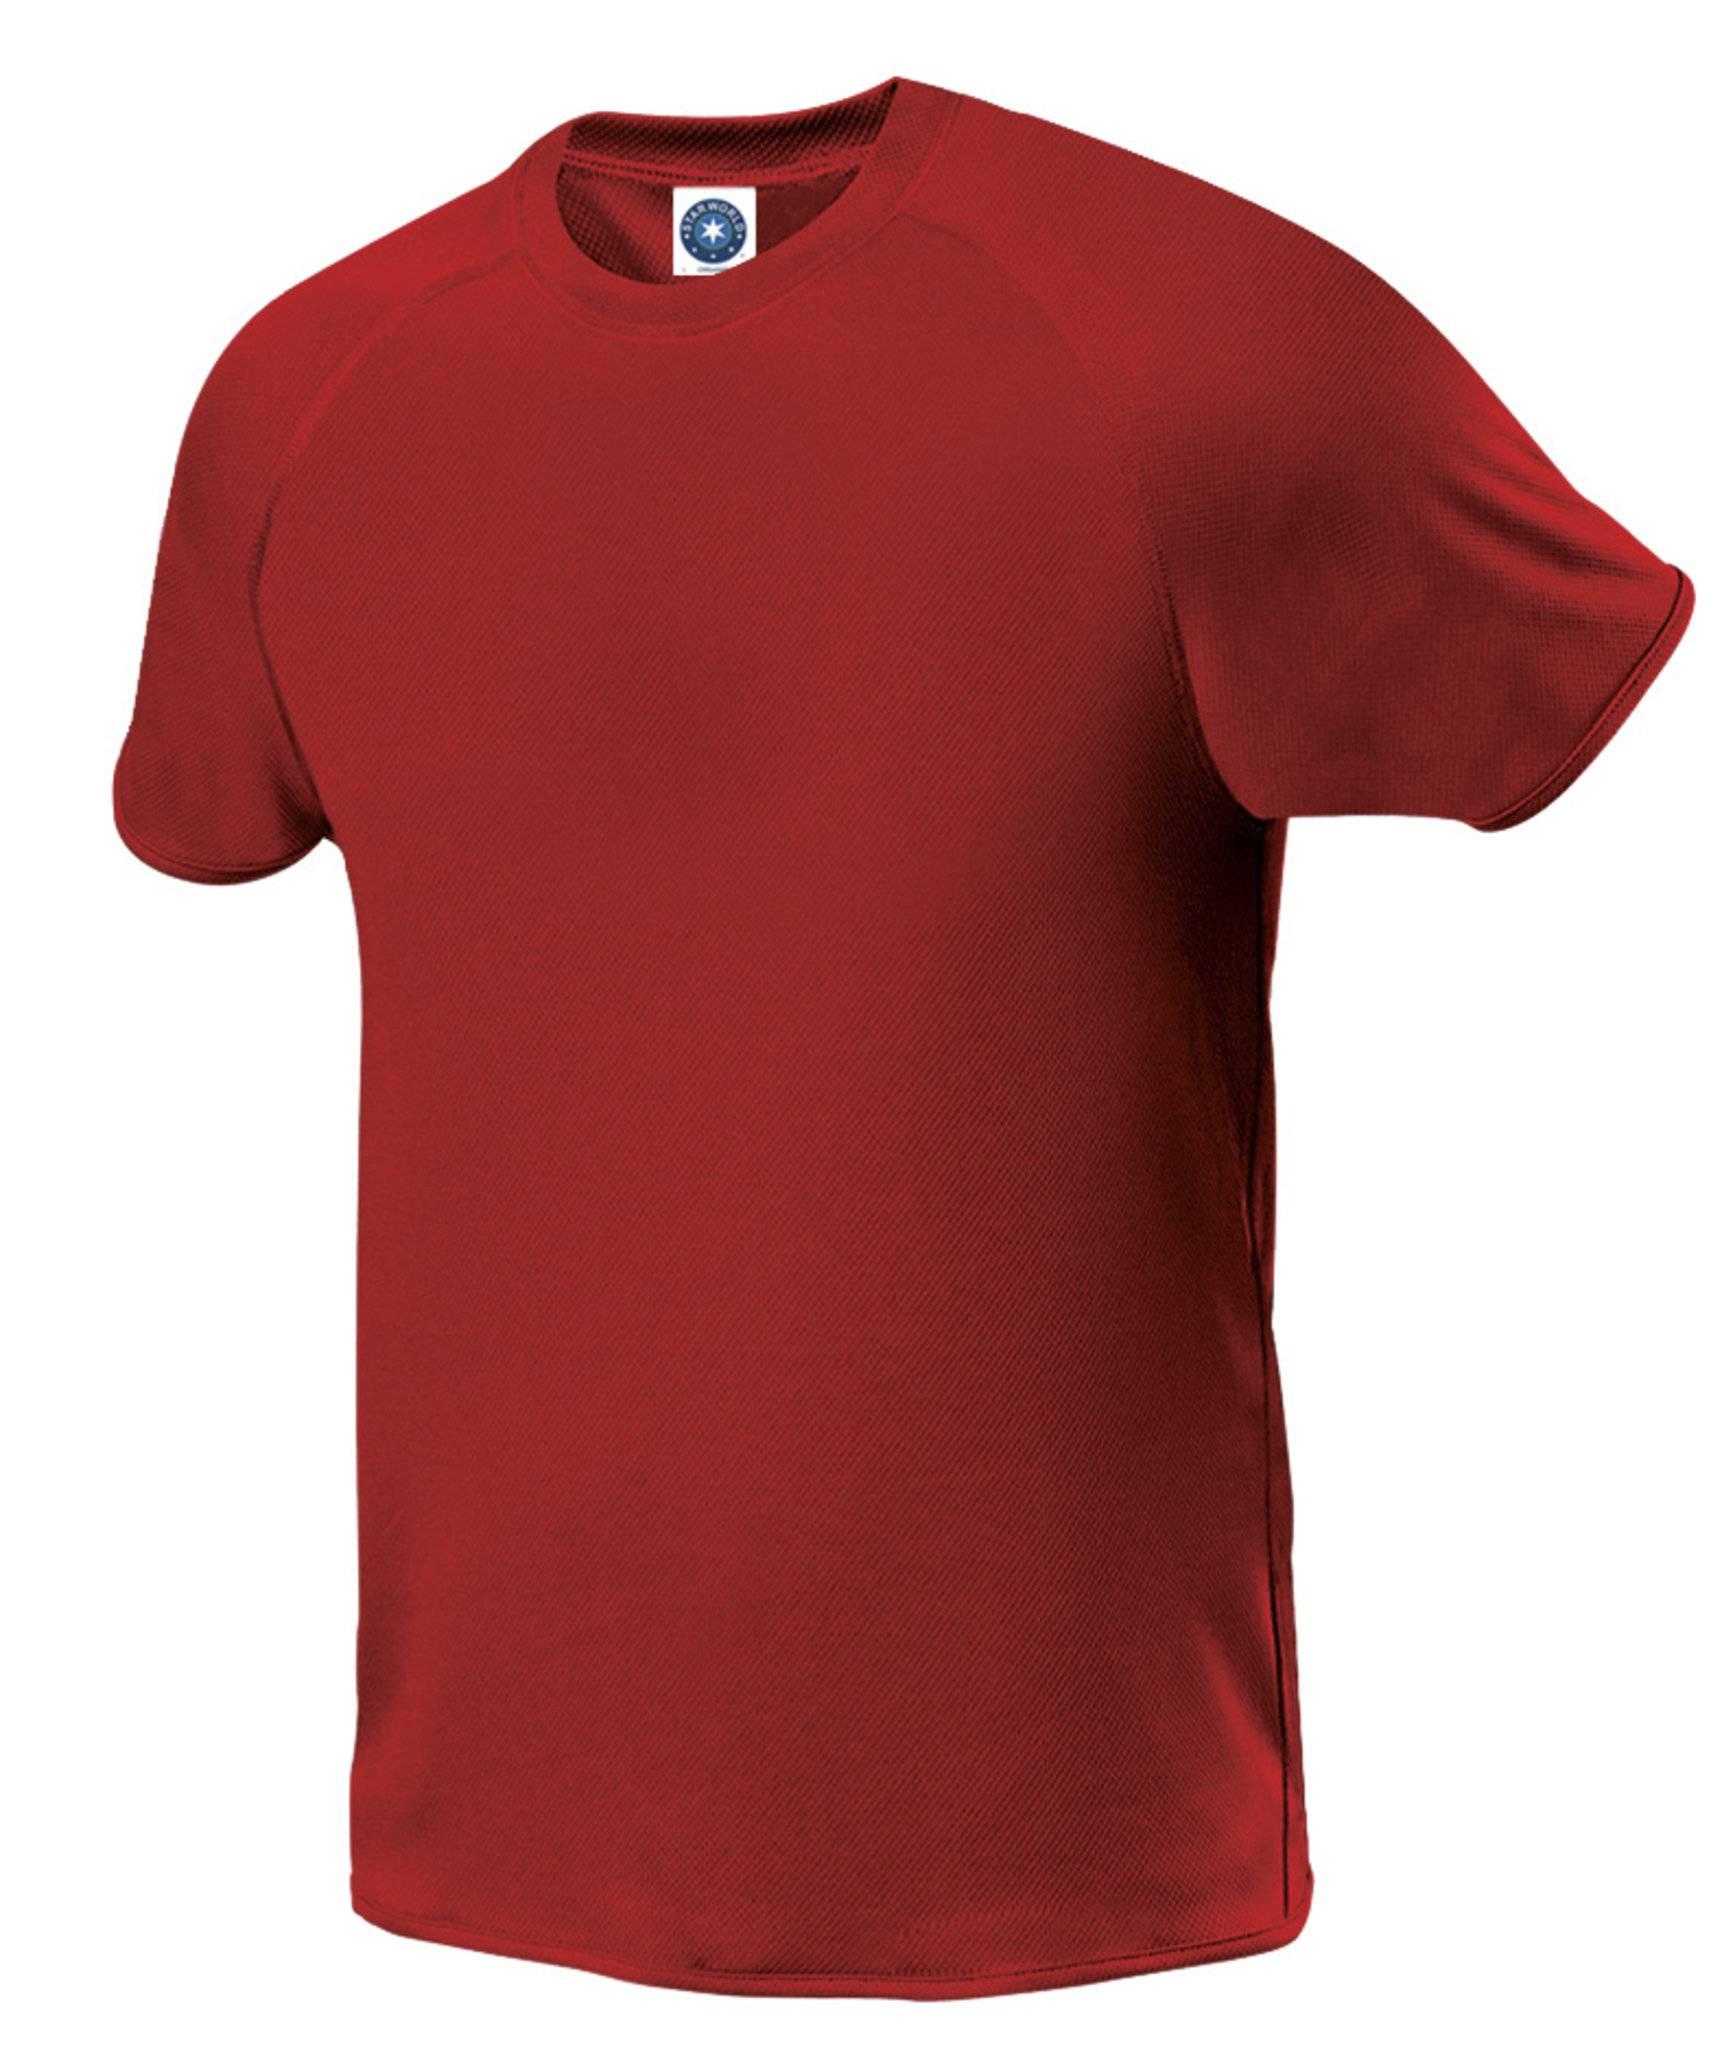 T-shirt personnalisable Sporti - t-shirt publicitaire